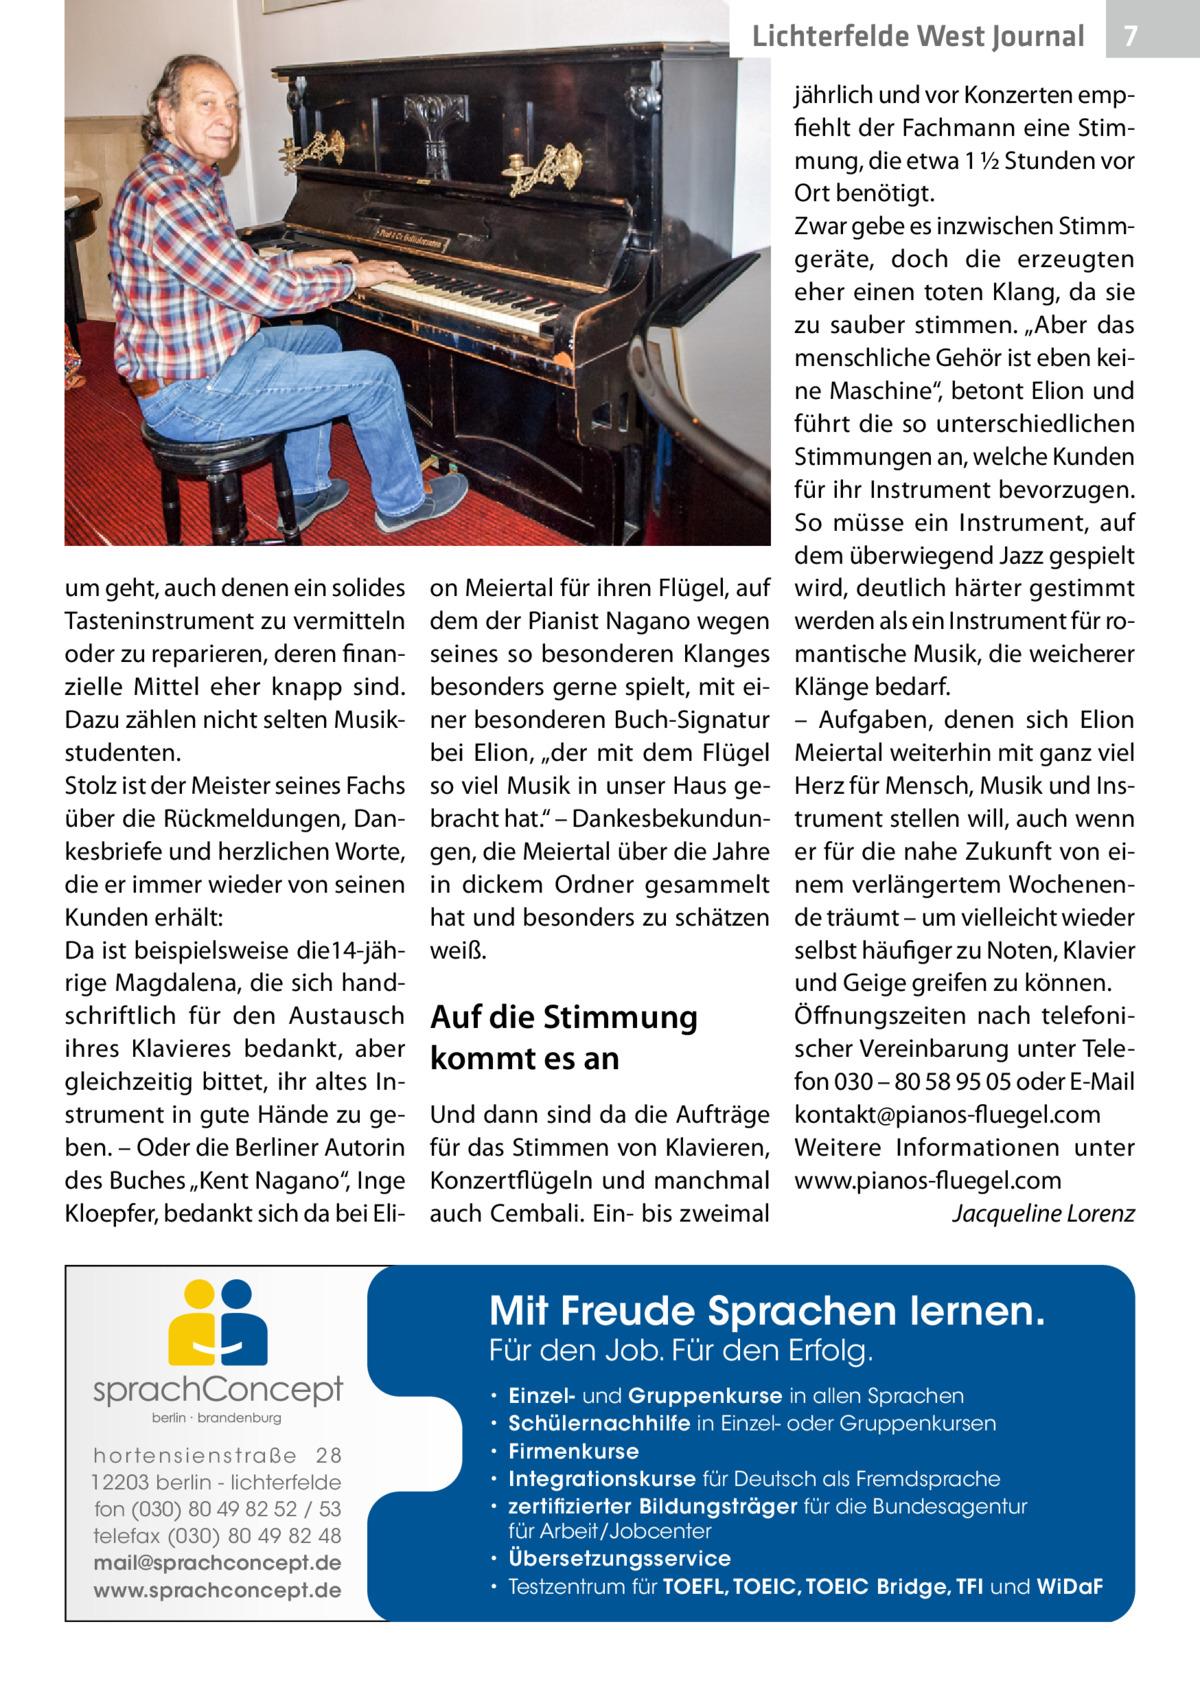 """Lichterfelde West Journal  um geht, auch denen ein solides Tasteninstrument zu vermitteln oder zu reparieren, deren finanzielle Mittel eher knapp sind. Dazu zählen nicht selten Musikstudenten. Stolz ist der Meister seines Fachs über die Rückmeldungen, Dankesbriefe und herzlichen Worte, die er immer wieder von seinen Kunden erhält: Da ist beispielsweise die14-jährige Magdalena, die sich handschriftlich für den Austausch ihres Klavieres bedankt, aber gleichzeitig bittet, ihr altes Instrument in gute Hände zu geben. – Oder die Berliner Autorin des Buches """"Kent Nagano"""", Inge Kloepfer, bedankt sich da bei Eli on Meiertal für ihren Flügel, auf dem der Pianist Nagano wegen seines so besonderen Klanges besonders gerne spielt, mit einer besonderen Buch-Signatur bei Elion, """"der mit dem Flügel so viel Musik in unser Haus gebracht hat."""" – Dankesbekundungen, die Meiertal über die Jahre in dickem Ordner gesammelt hat und besonders zu schätzen weiß.  Auf die Stimmung kommt es an Und dann sind da die Aufträge für das Stimmen von Klavieren, Konzertflügeln und manchmal auch Cembali. Ein- bis zweimal  jährlich und vor Konzerten empfiehlt der Fachmann eine Stimmung, die etwa 1½Stunden vor Ort benötigt. Zwar gebe es inzwischen Stimmgeräte, doch die erzeugten eher einen toten Klang, da sie zu sauber stimmen. """"Aber das menschliche Gehör ist eben keine Maschine"""", betont Elion und führt die so unterschiedlichen Stimmungen an, welche Kunden für ihr Instrument bevorzugen. So müsse ein Instrument, auf dem überwiegend Jazz gespielt wird, deutlich härter gestimmt werden als ein Instrument für romantische Musik, die weicherer Klänge bedarf. – Aufgaben, denen sich Elion Meiertal weiterhin mit ganz viel Herz für Mensch, Musik und Instrument stellen will, auch wenn er für die nahe Zukunft von einem verlängertem Wochenende träumt – um vielleicht wieder selbst häufiger zu Noten, Klavier und Geige greifen zu können. Öffnungszeiten nach telefonischer Vereinbarung unter Telefon 030– 80589505 oder E-Mail """